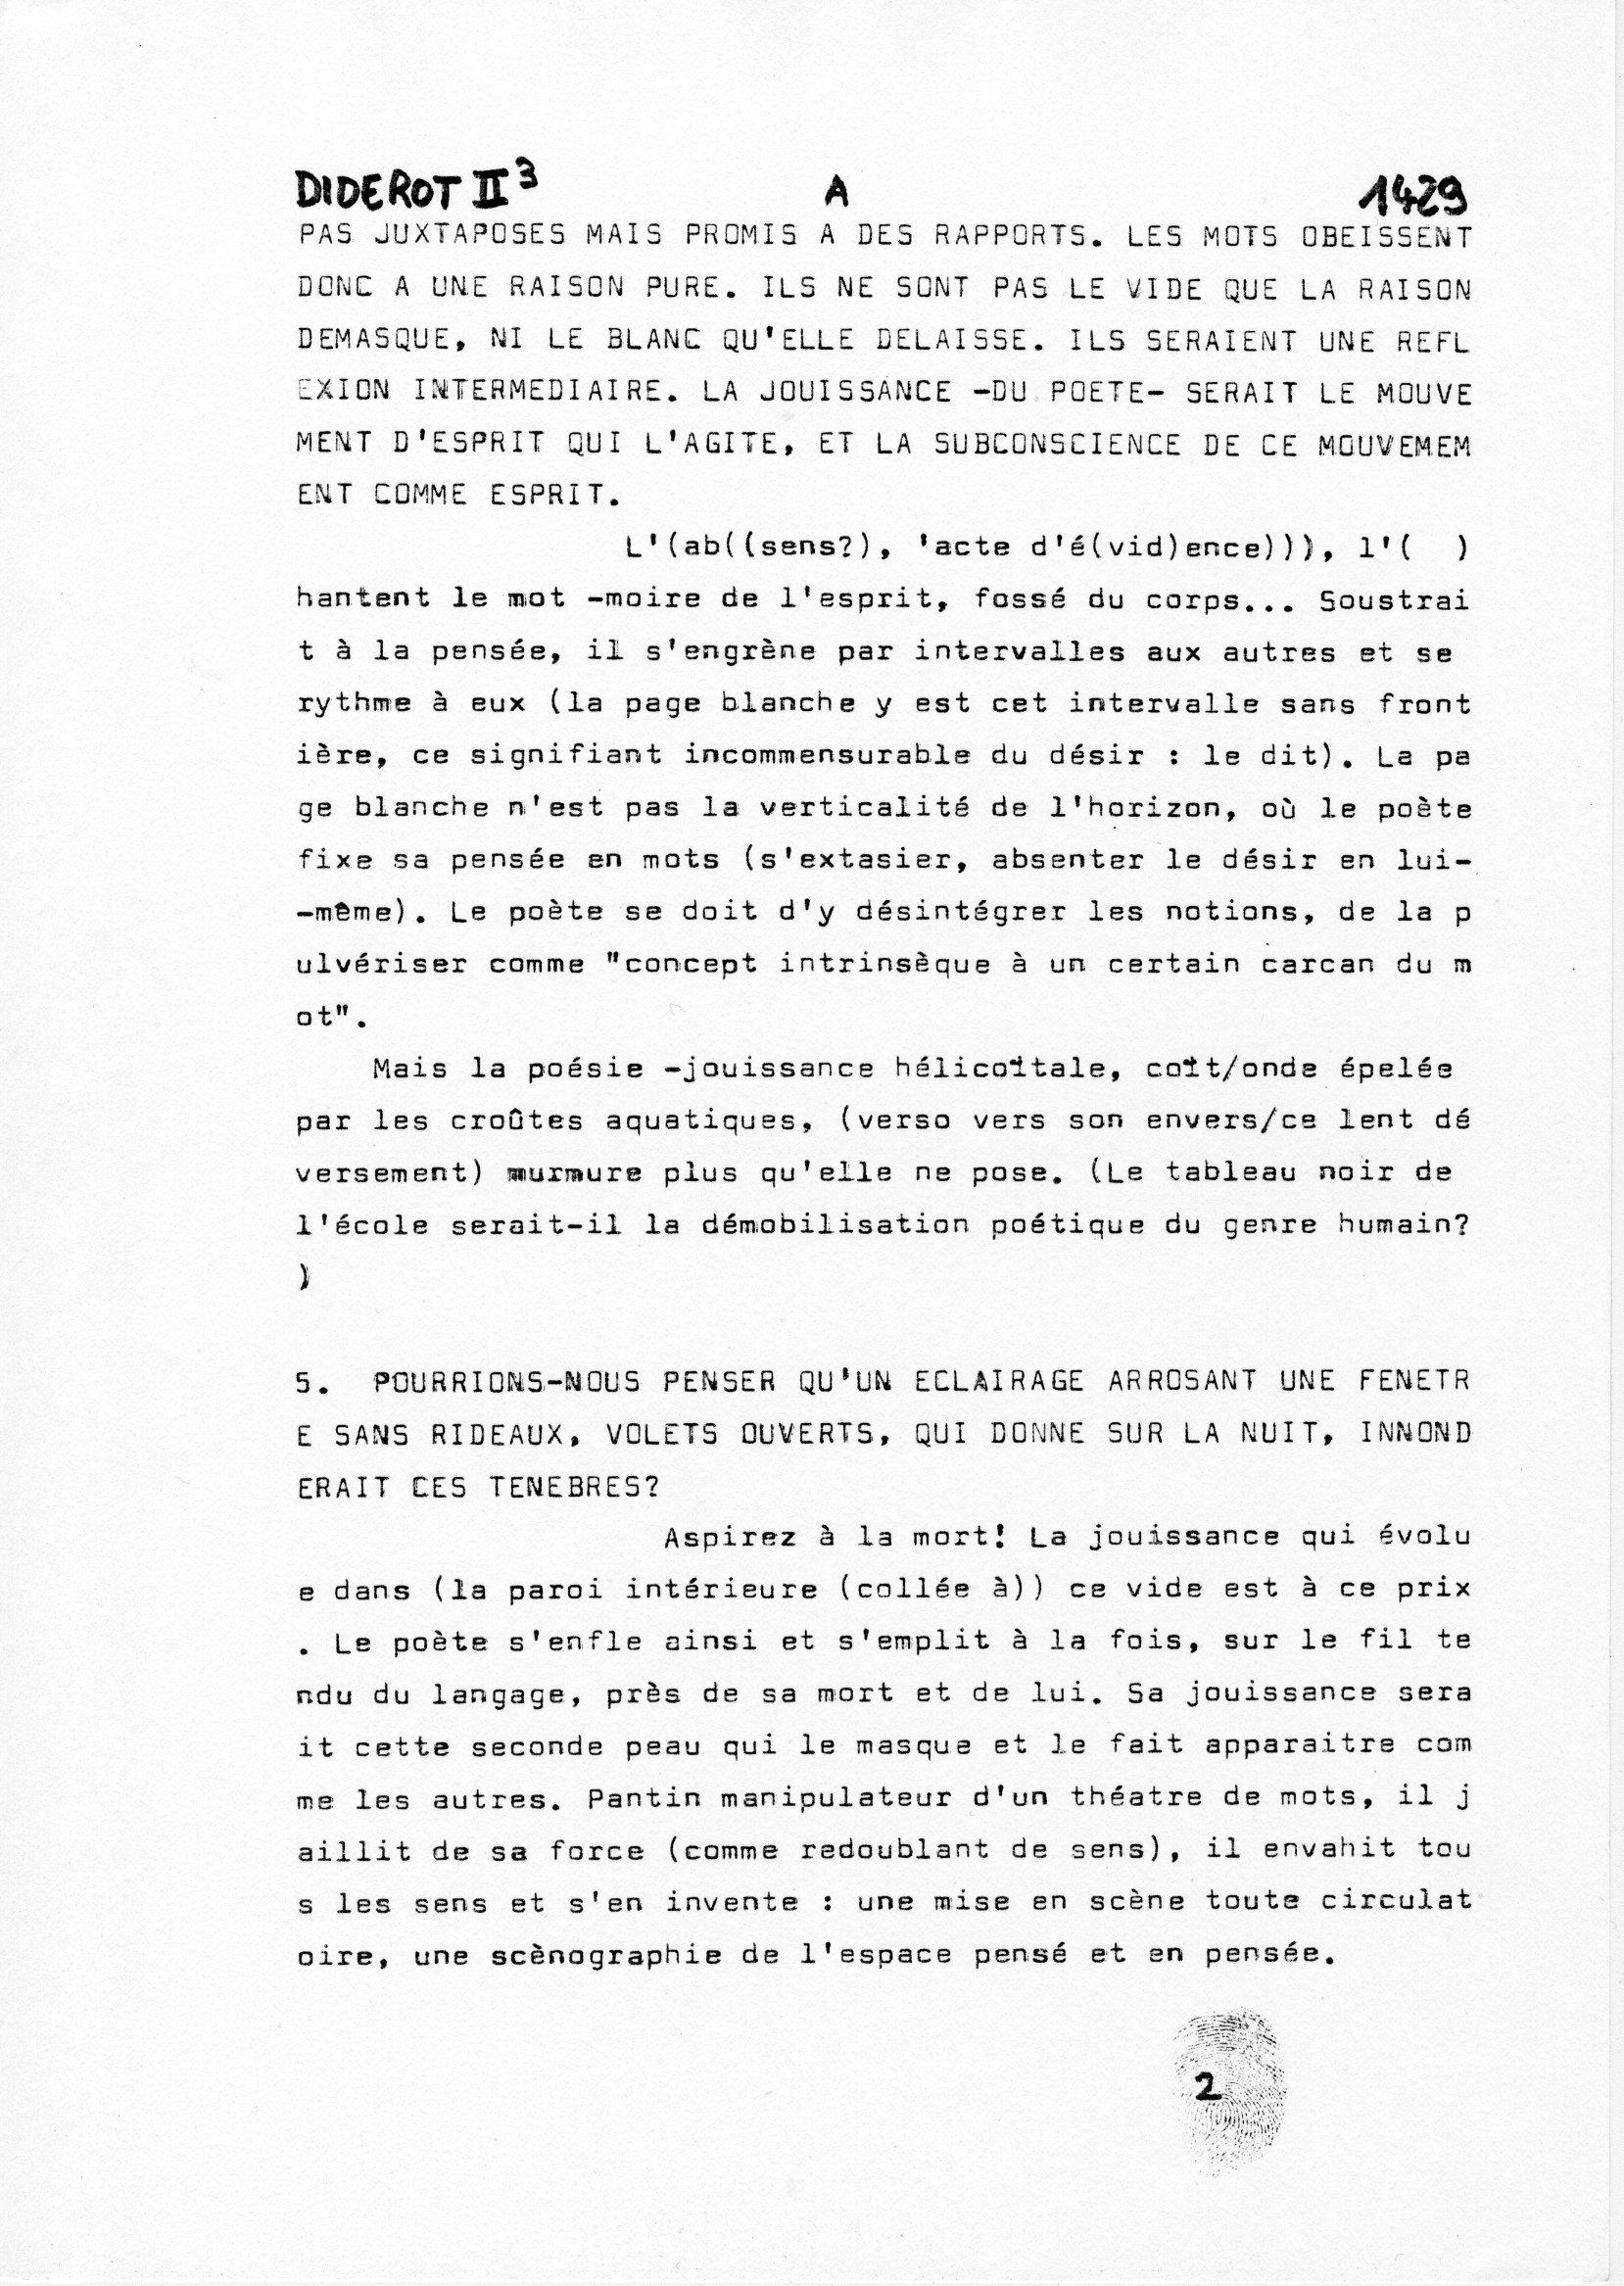 page 1429 Diderot II p3 JOUISSANCE ET POESIE